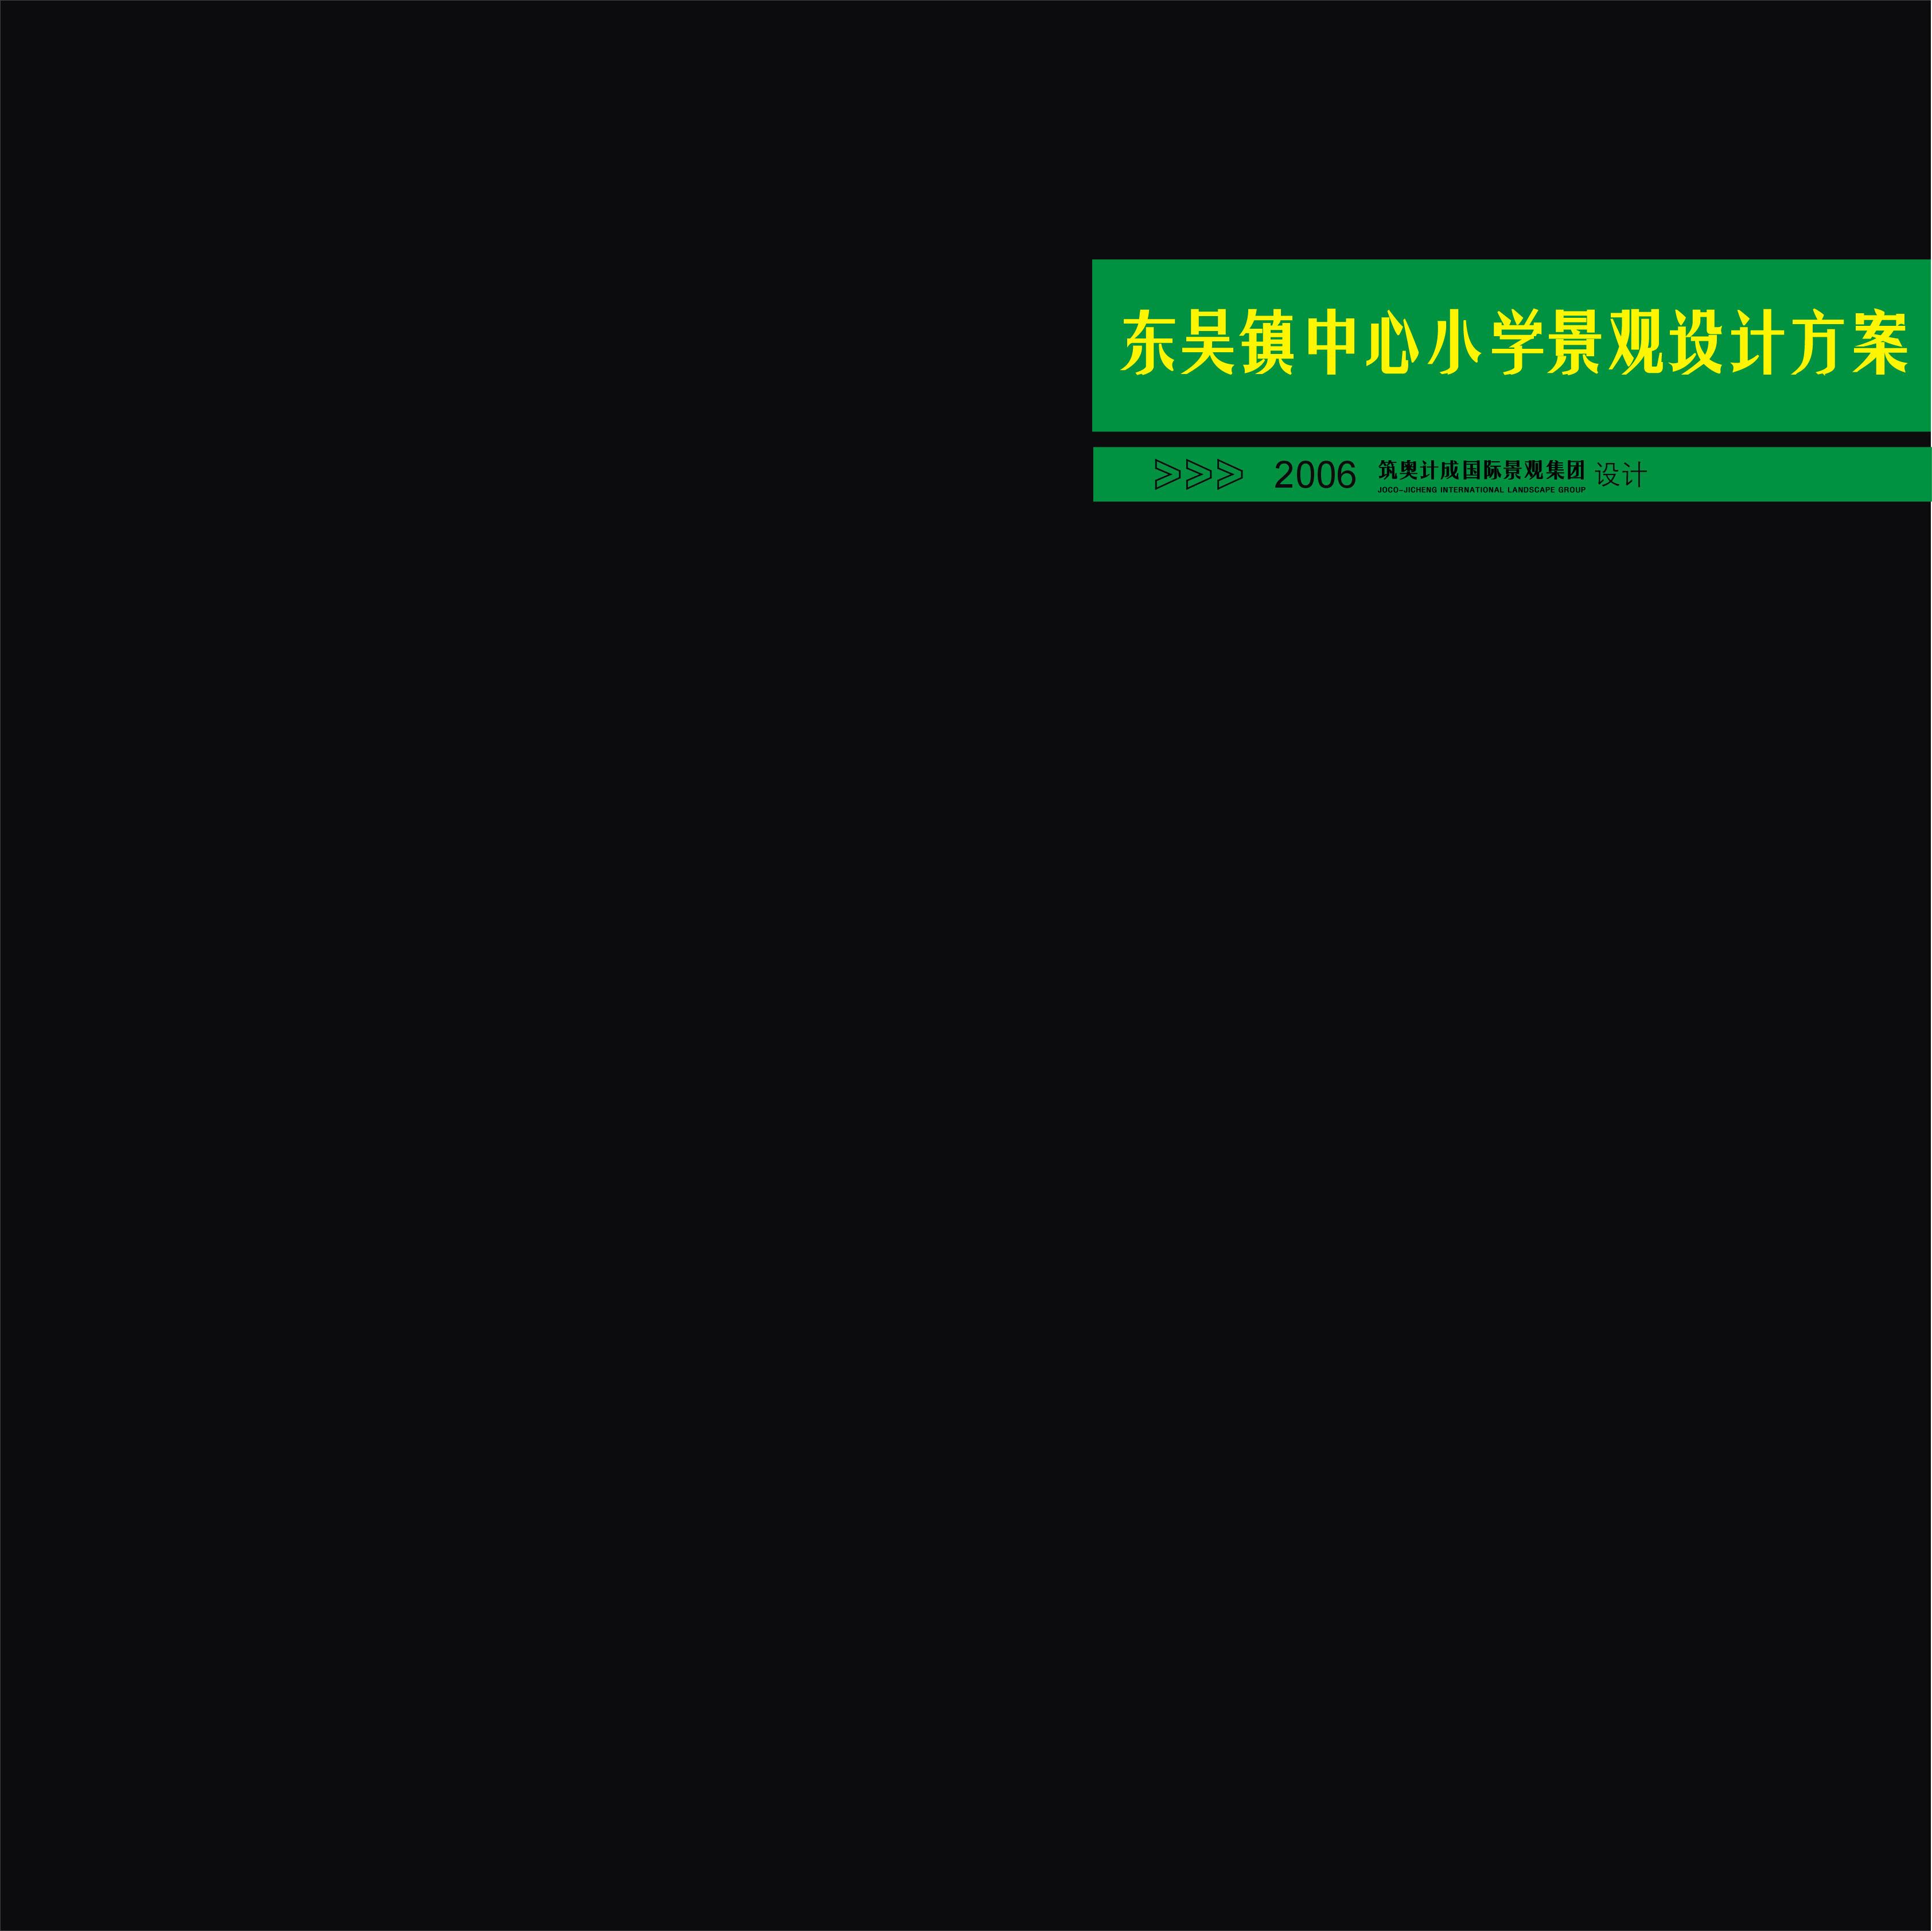 浙江宁波小学环境景观设计方案图片1